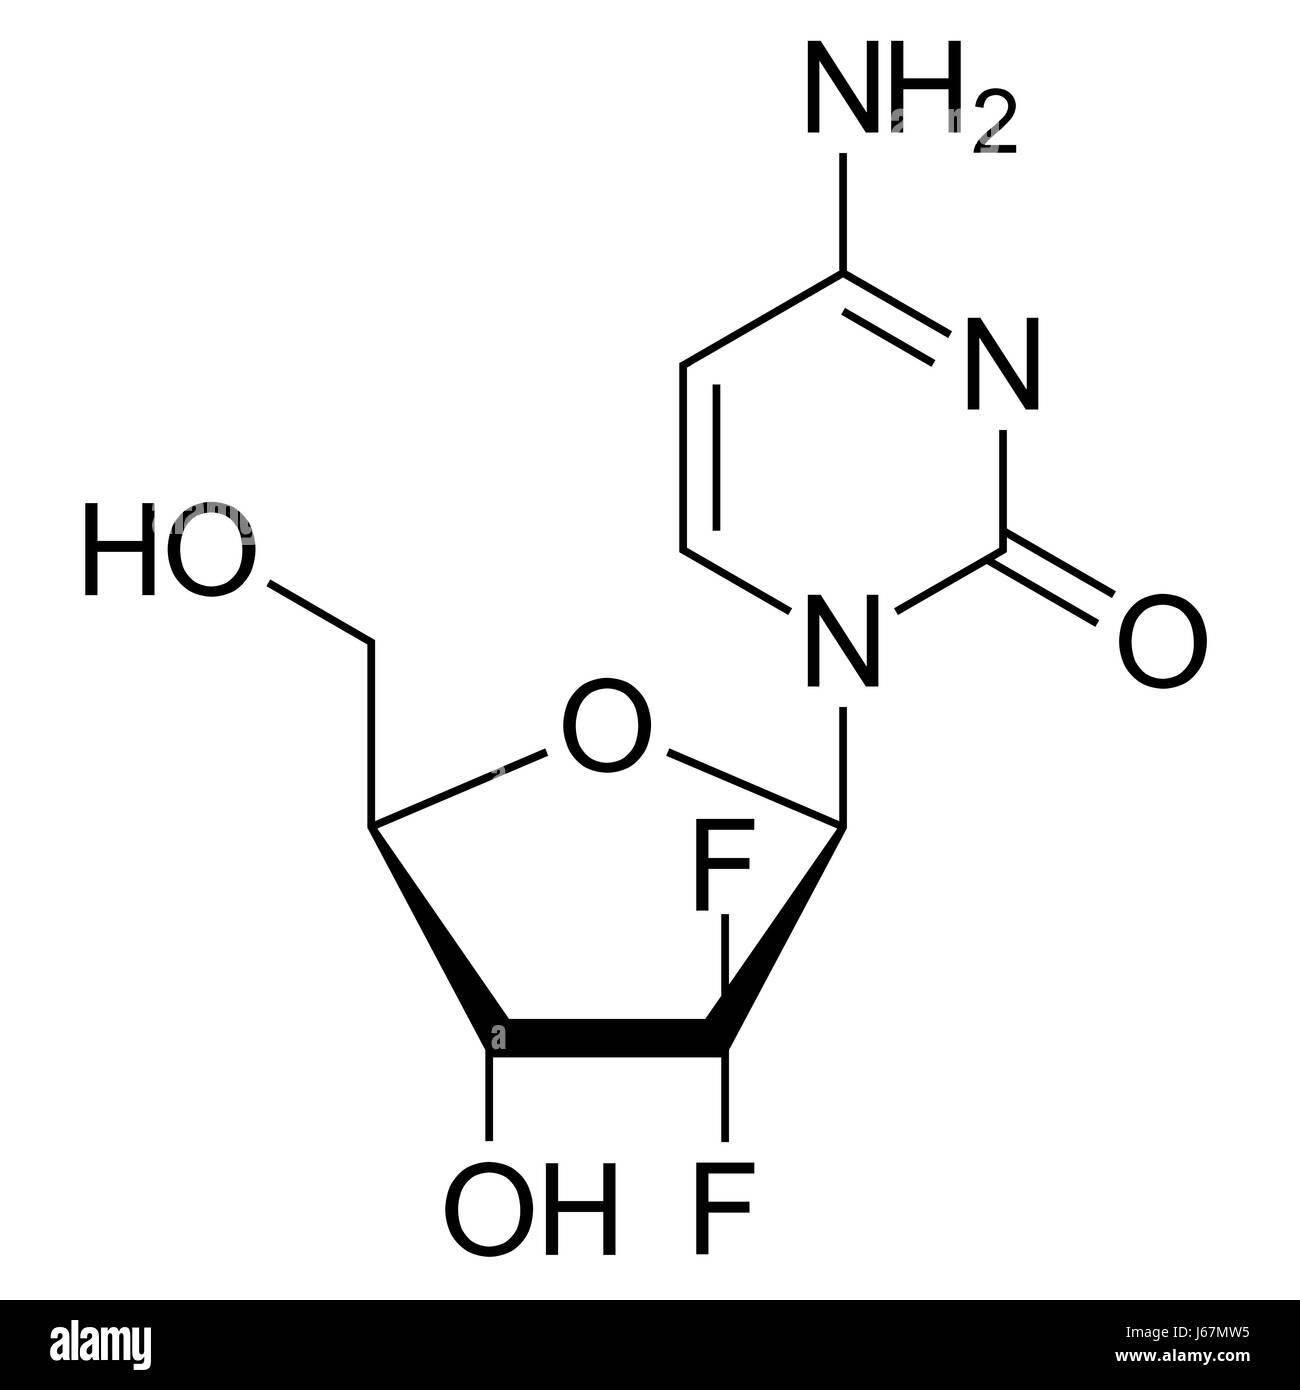 Skeletal formula (chemical structure) of Gemcitabine, a chemotherapy drug molecule. - Stock-Bilder